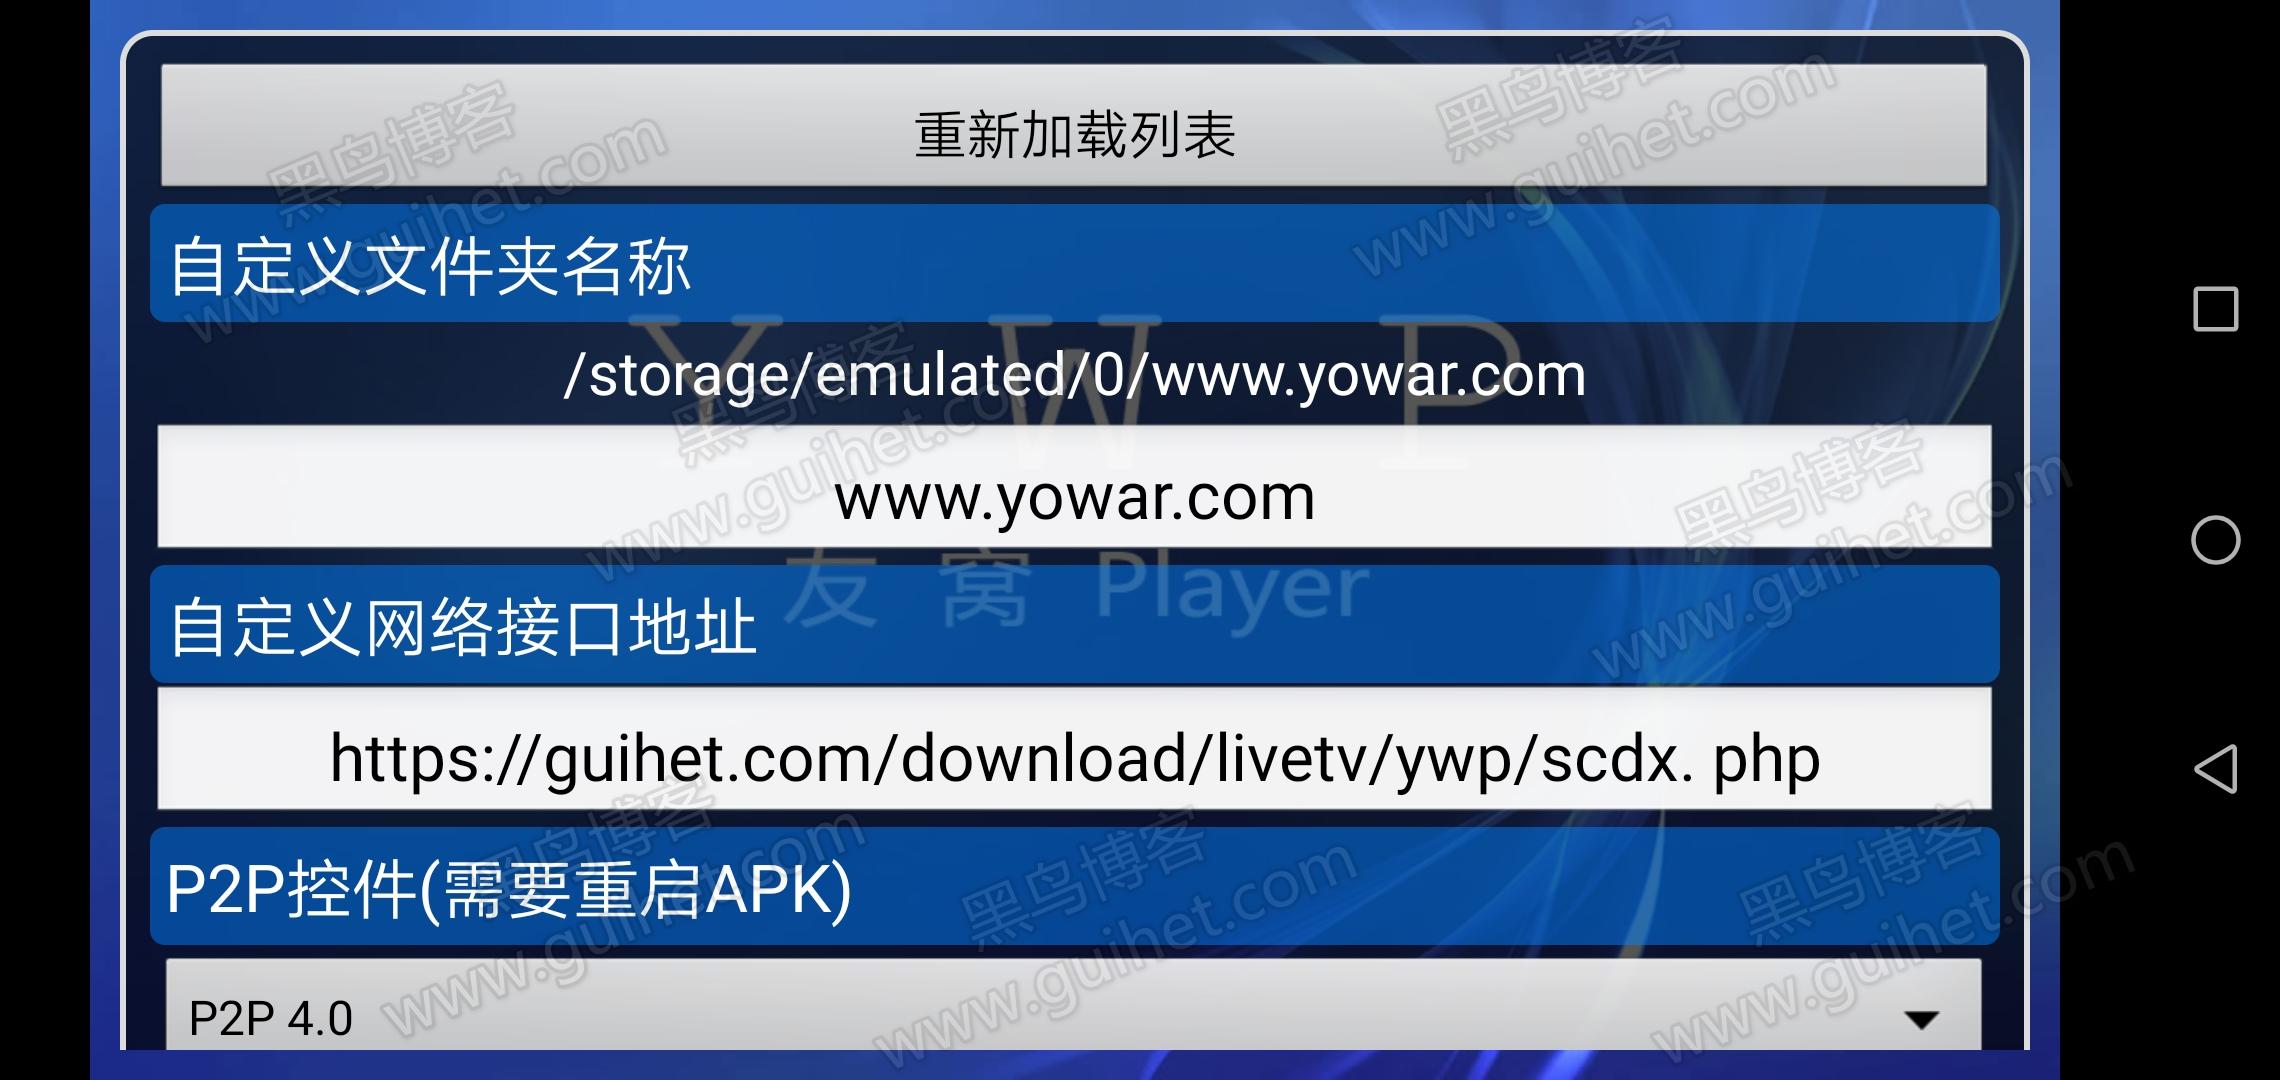 《解决友窝网络自定义中文乱码问题》